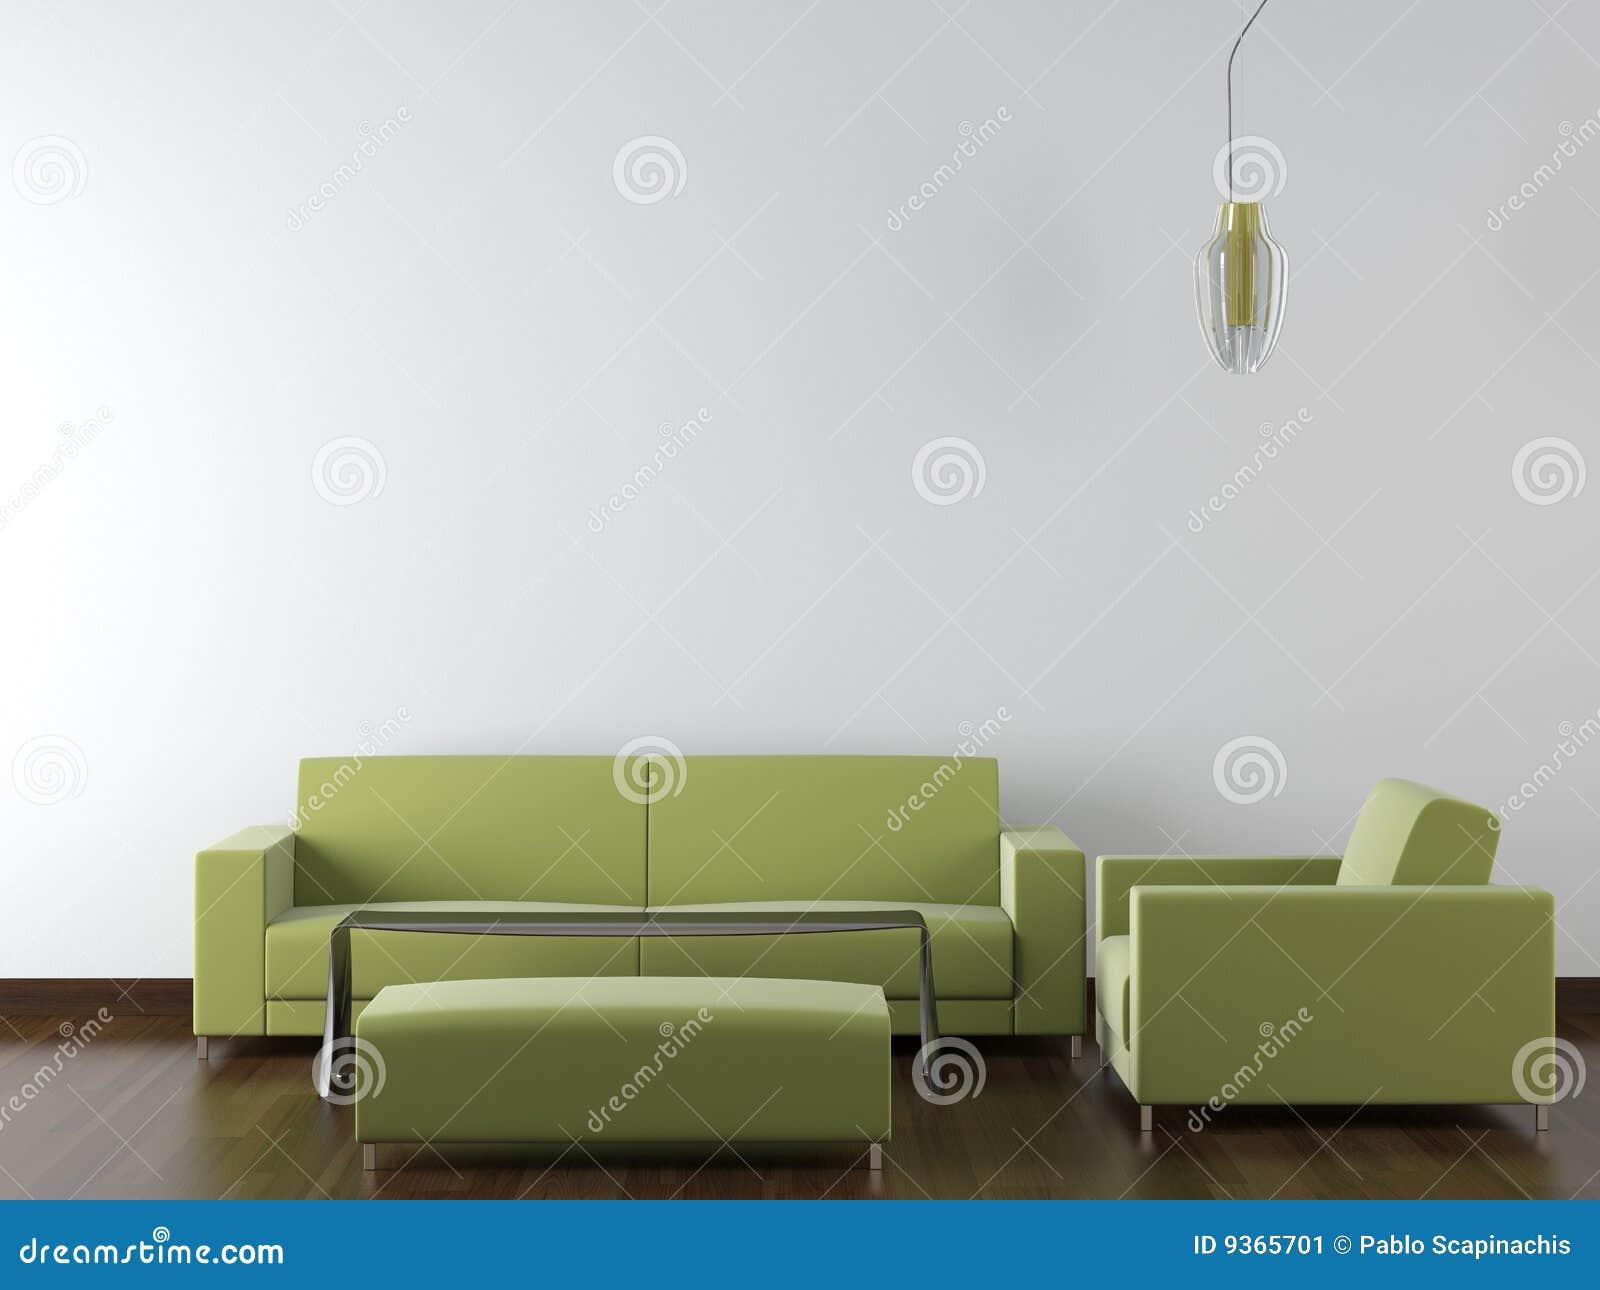 404 not found for Muebles de interior modernos